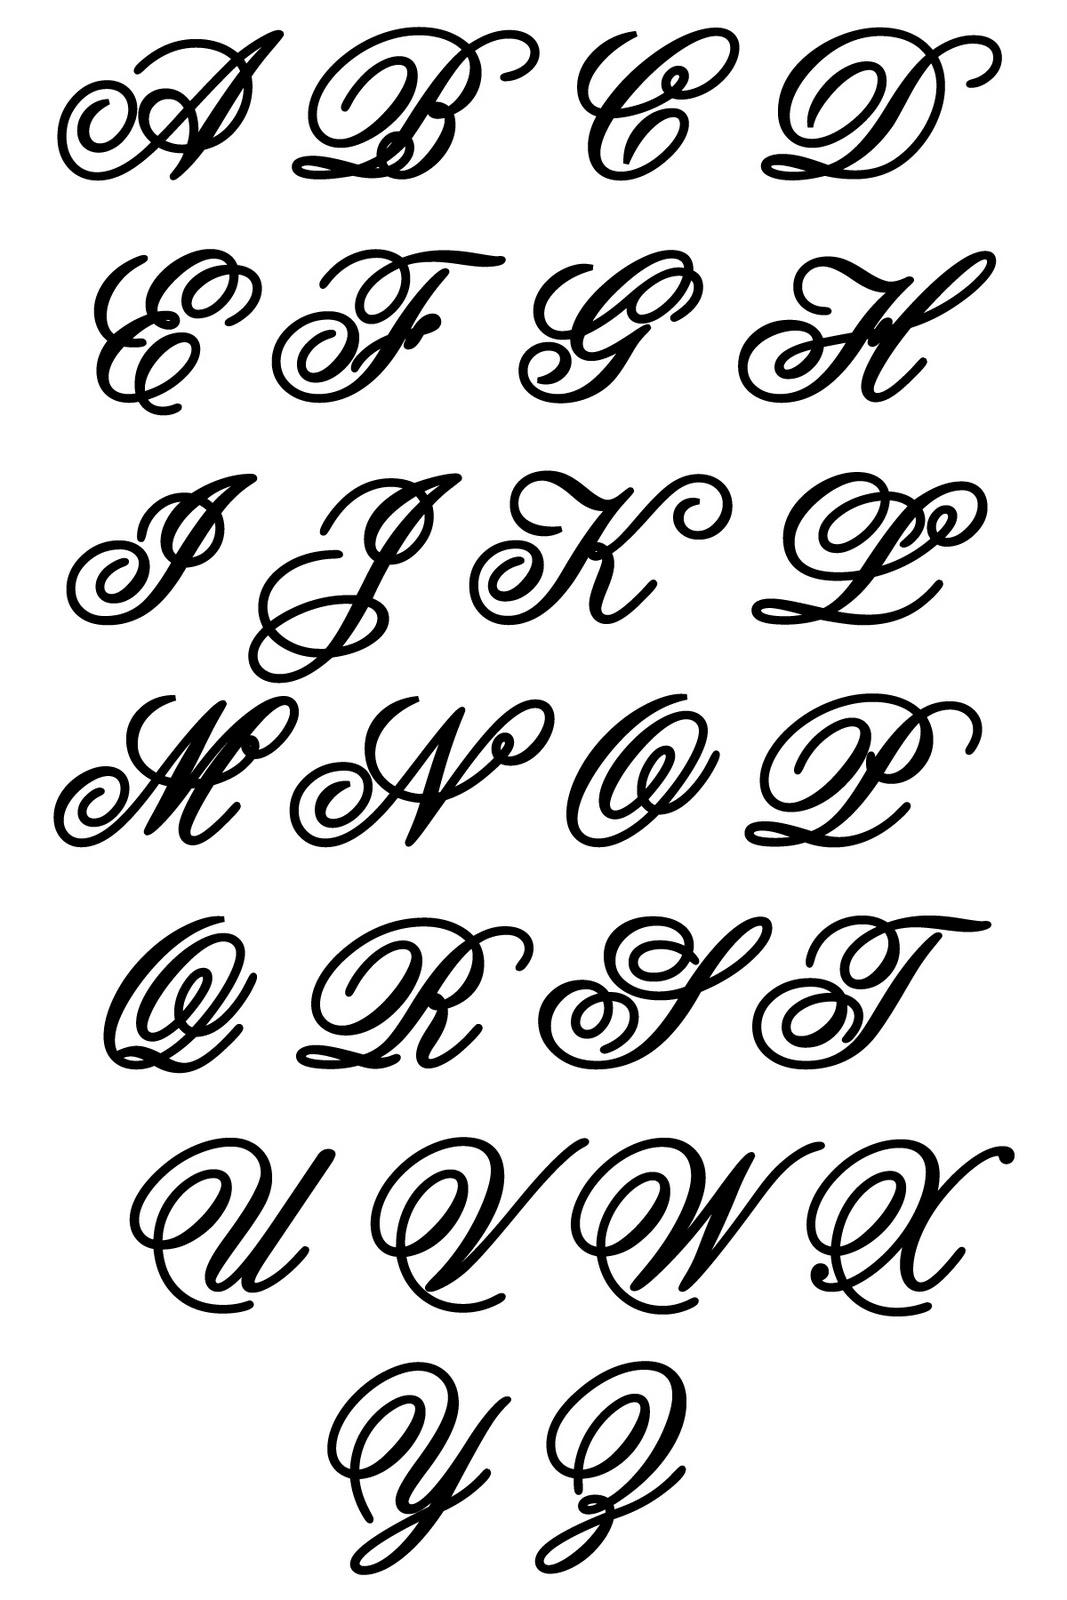 Красивый шрифт для поздравления алфавит, марта своими